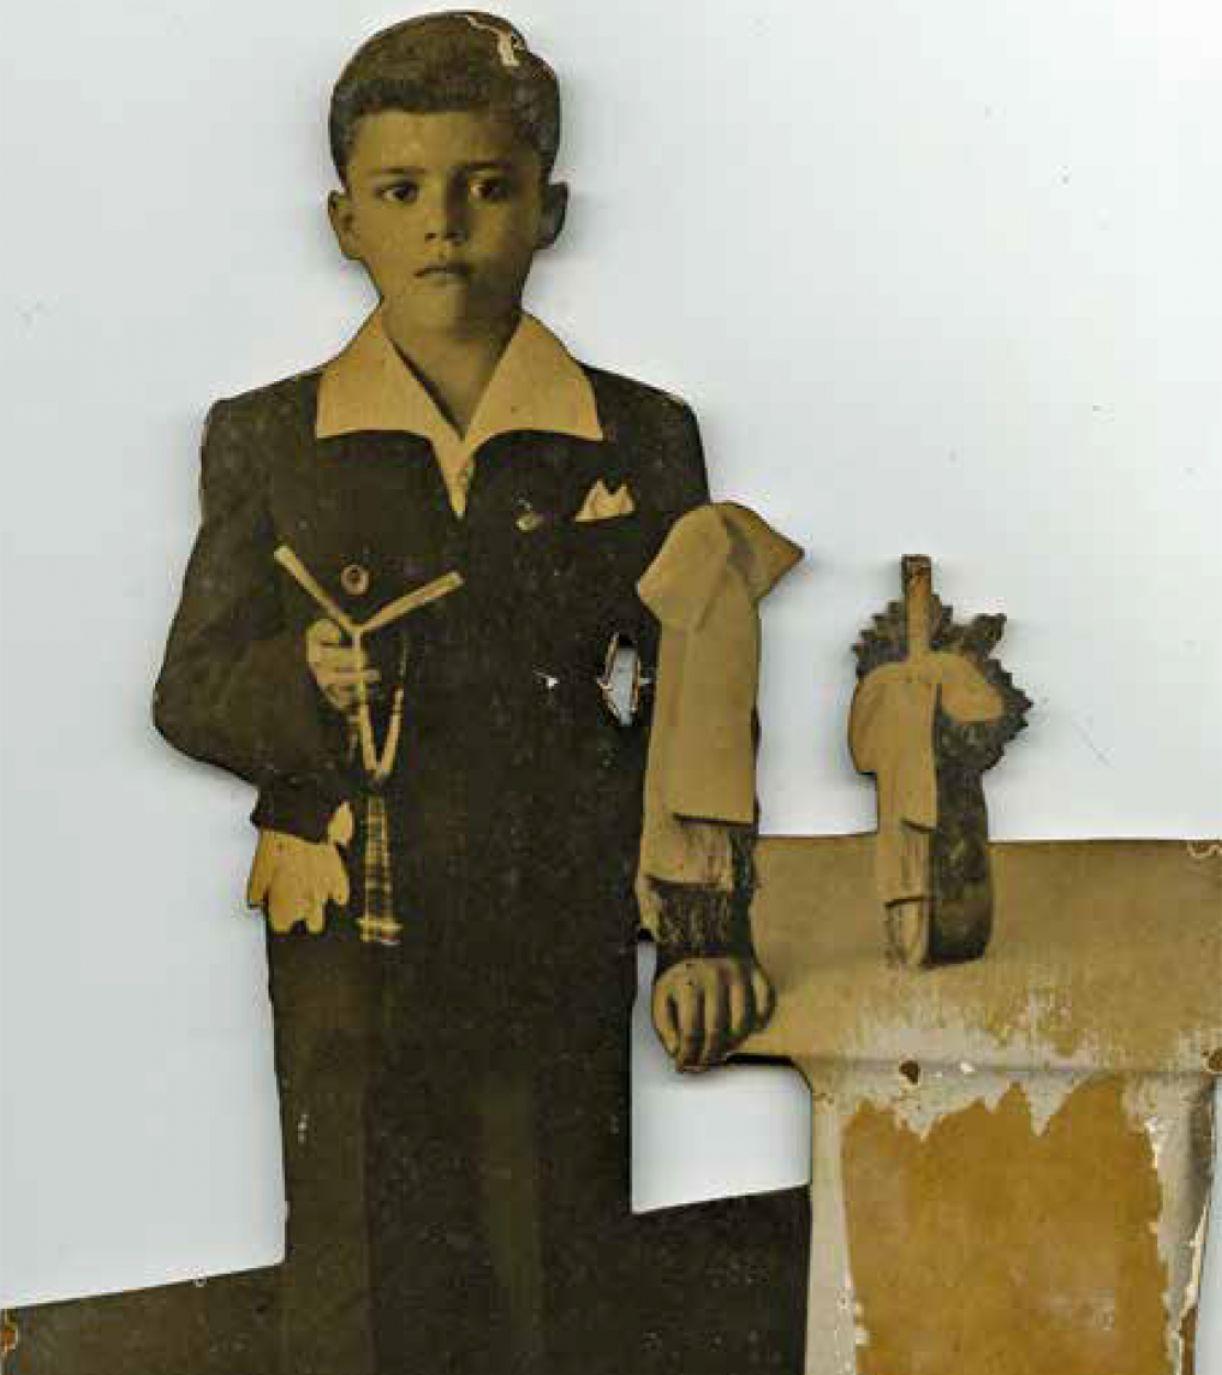 Primeira comunhão: José Cláudio, Ipojuca, década de 1930